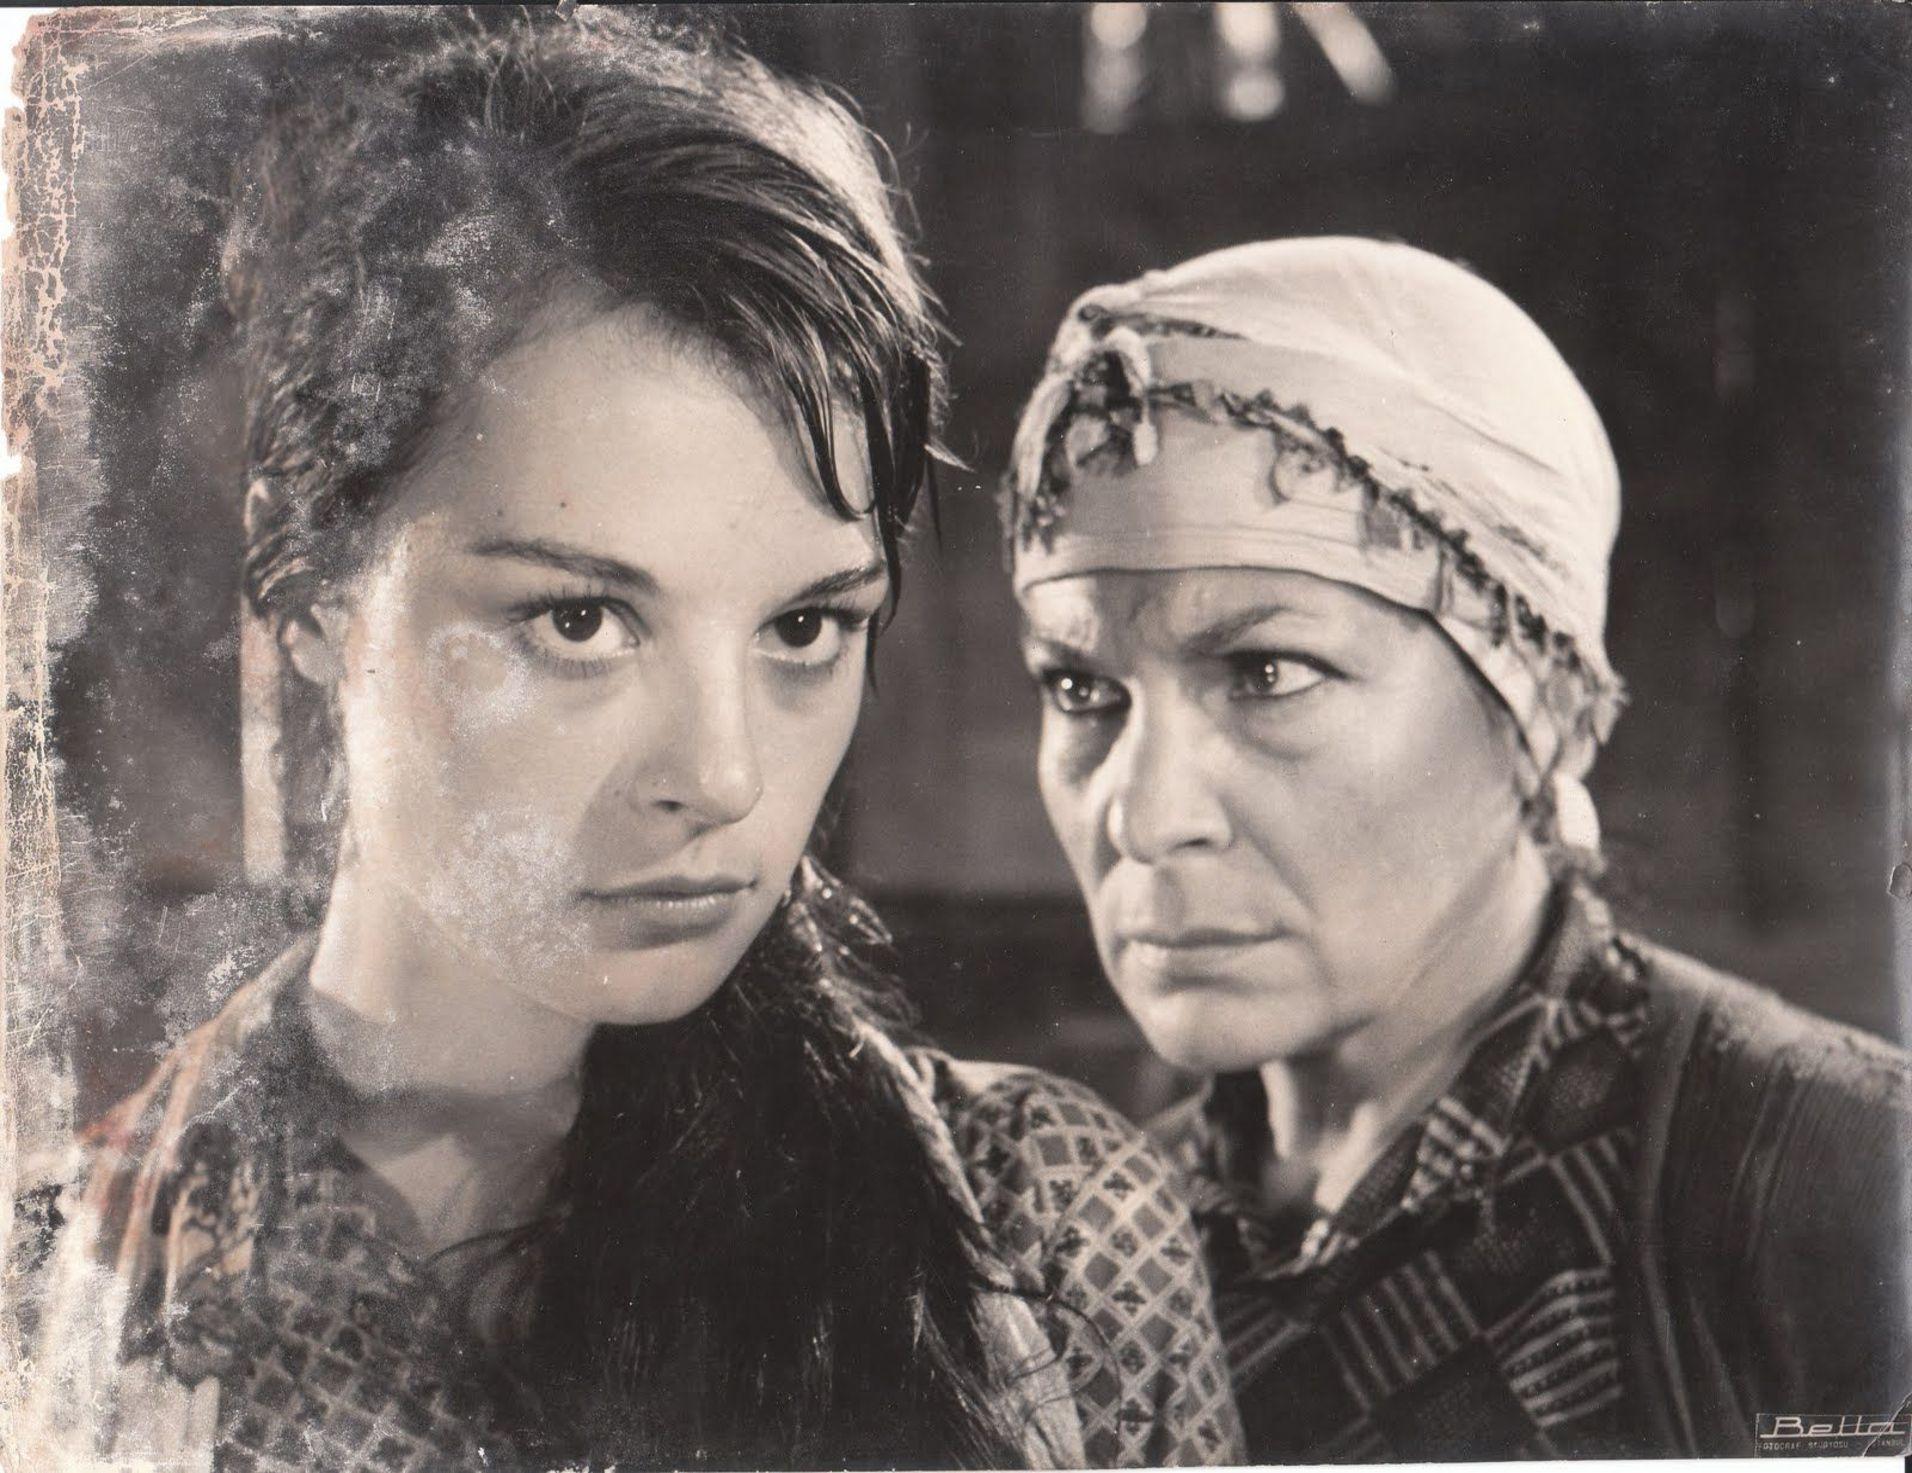 Aliye Rona'nın filmlerinden biri de 1963'te Berlin Film Festivali'nde 'En İyi Film' dalında Altın Ayı kazanarak Türk sinemasına uluslararası ilk ödülü getiren Metin Erksan'ın 'Susuz Yaz'ı oldu. Rona, filmin bir sahnesinde Hülya Koçyiğit ile görülüyor.